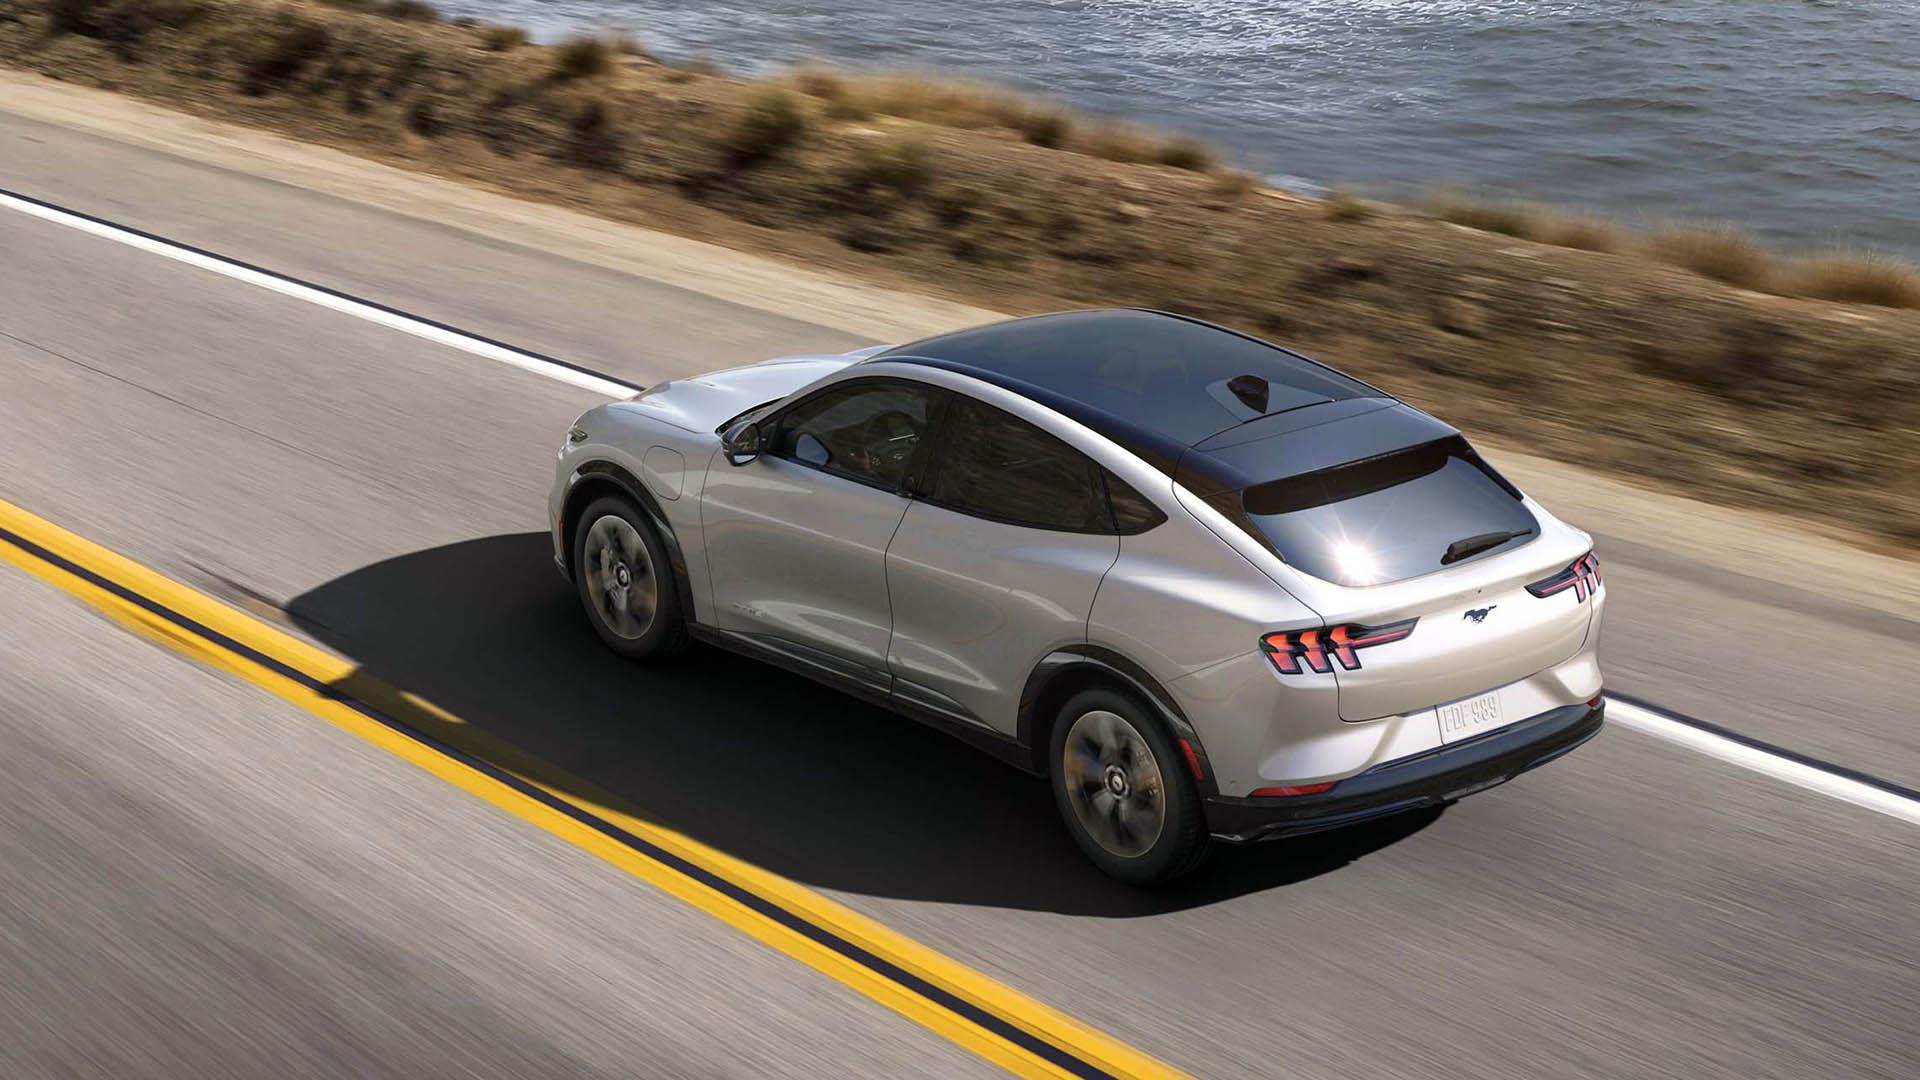 Ταξίδι με ηλεκτρικό; Η νέα Mustang Mach-E κάνει τα οδοιπορικά απόλαυση!